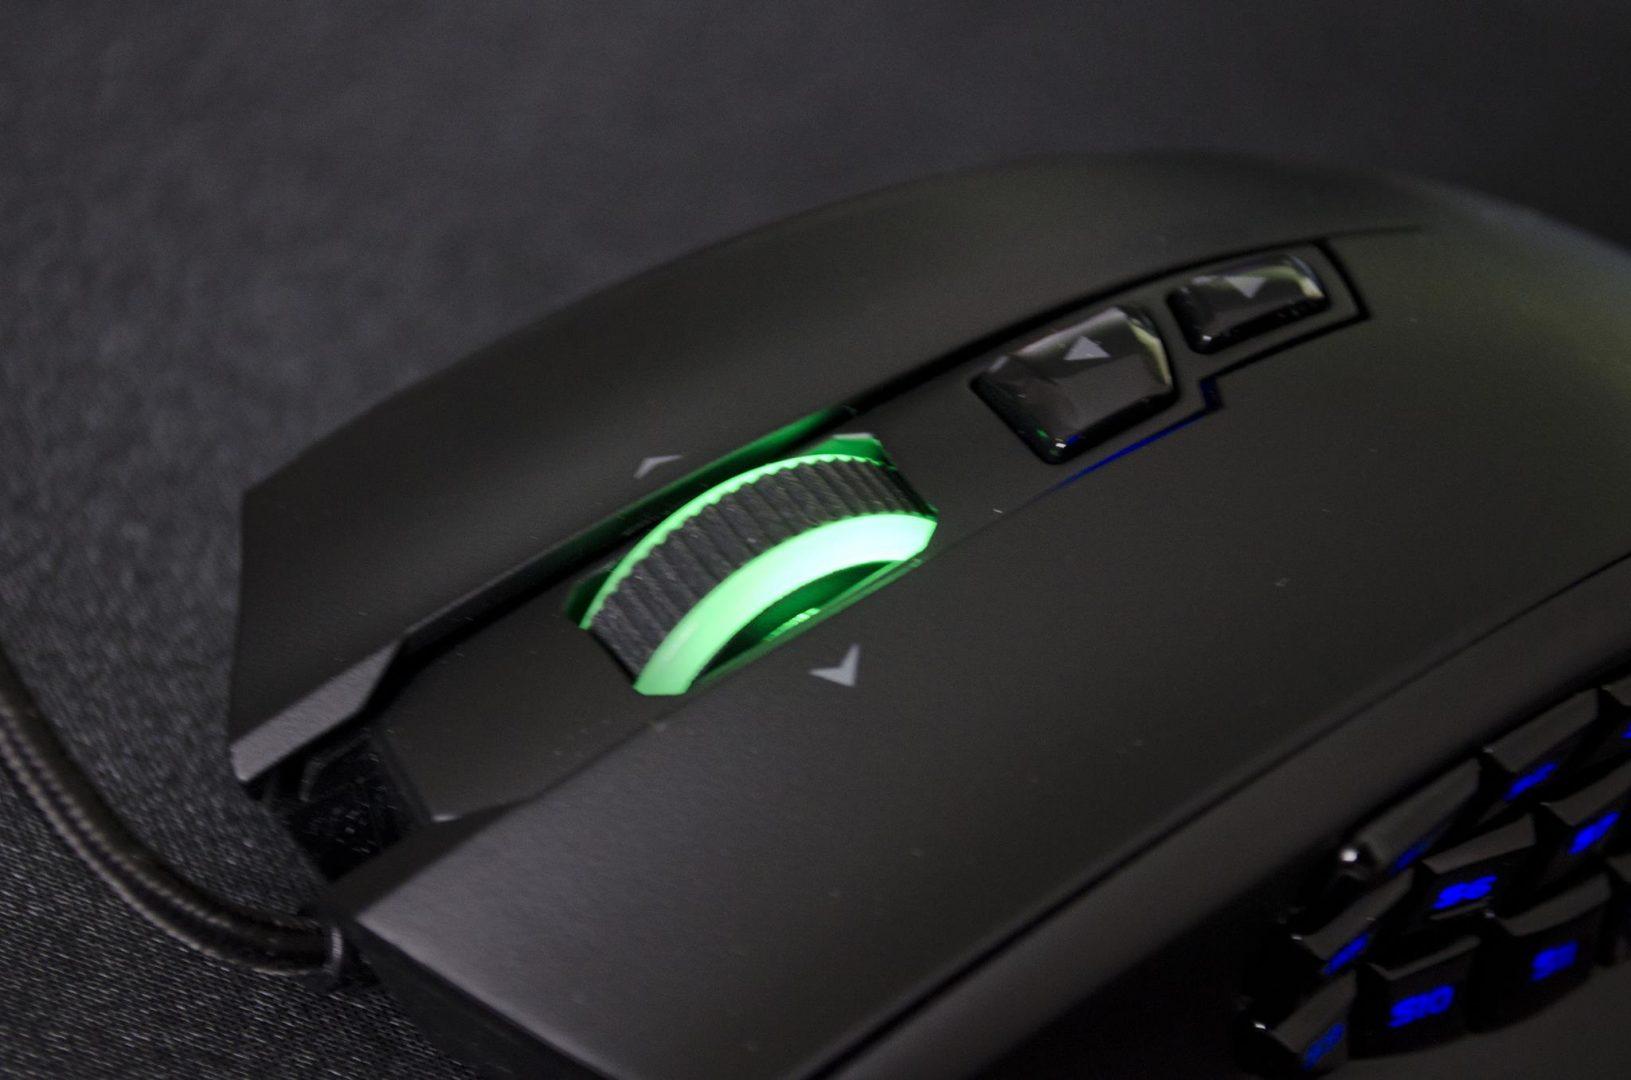 havit-hv-ms735-mouse-review_12